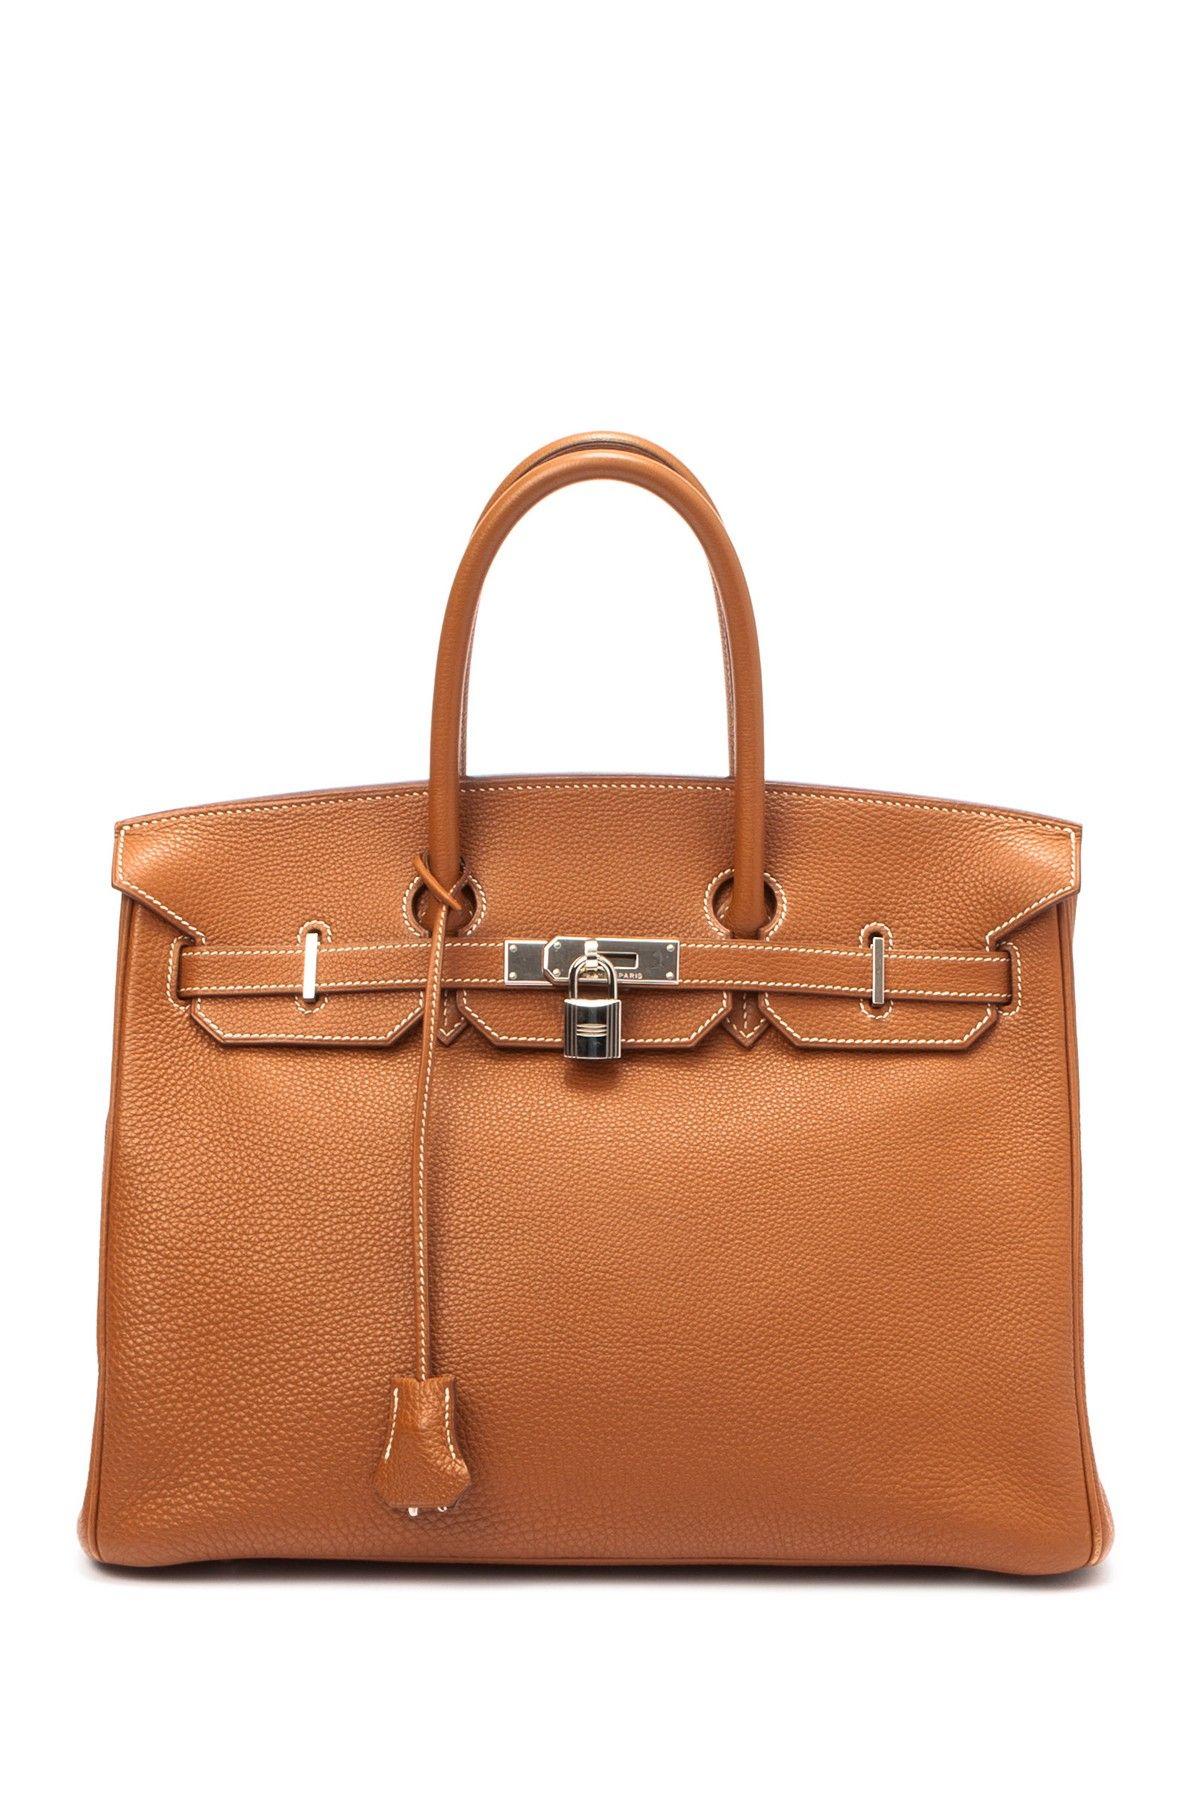 6d741b9d136 Vintage Hermes Birkin 35 Stamp Square G Silver Hardware Handbag on HauteLook